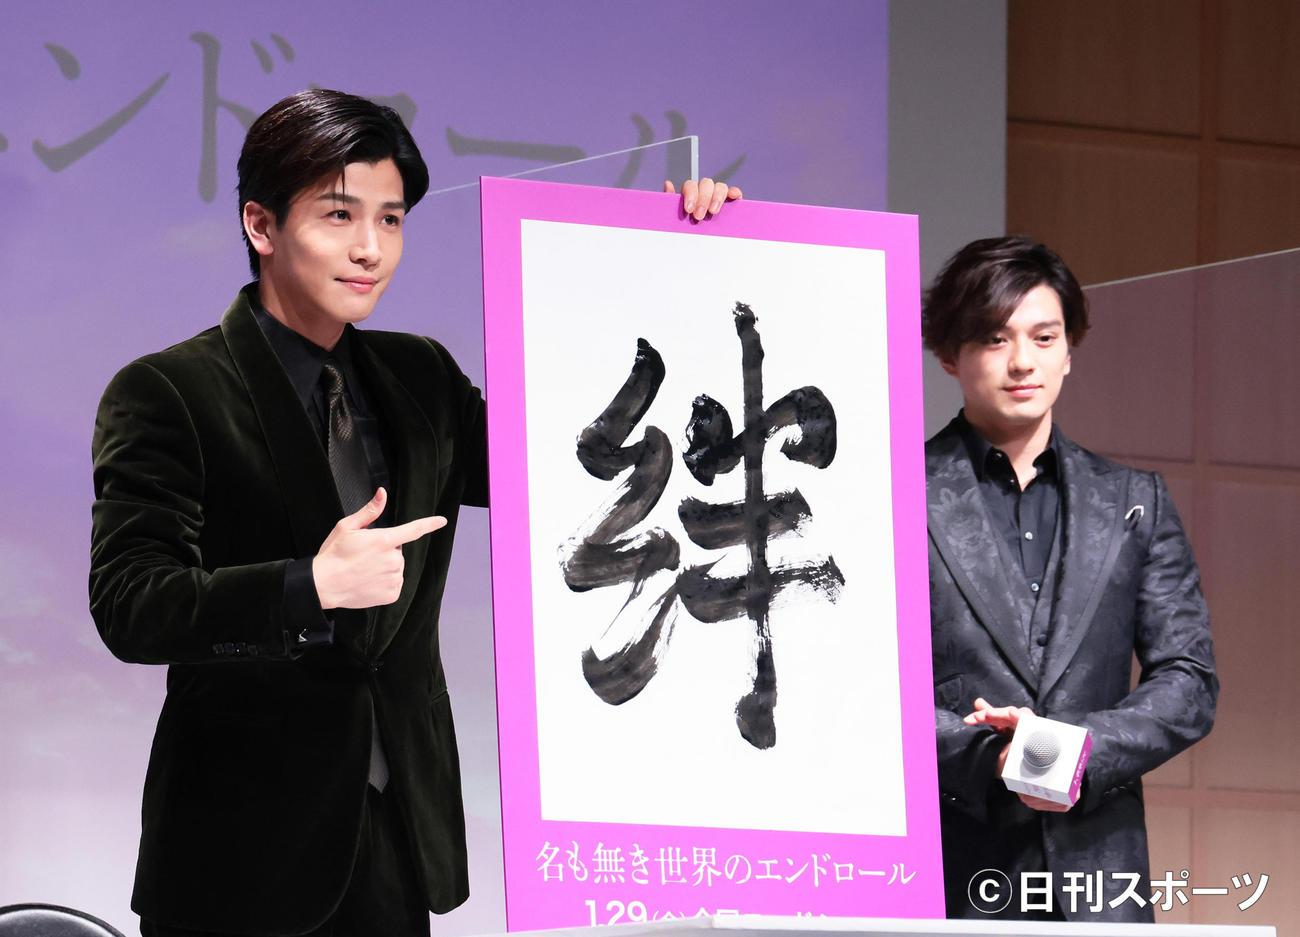 映画への思いを「絆」としたためた岩田剛典(左)。右は新田真剣佑(撮影・足立雅史)